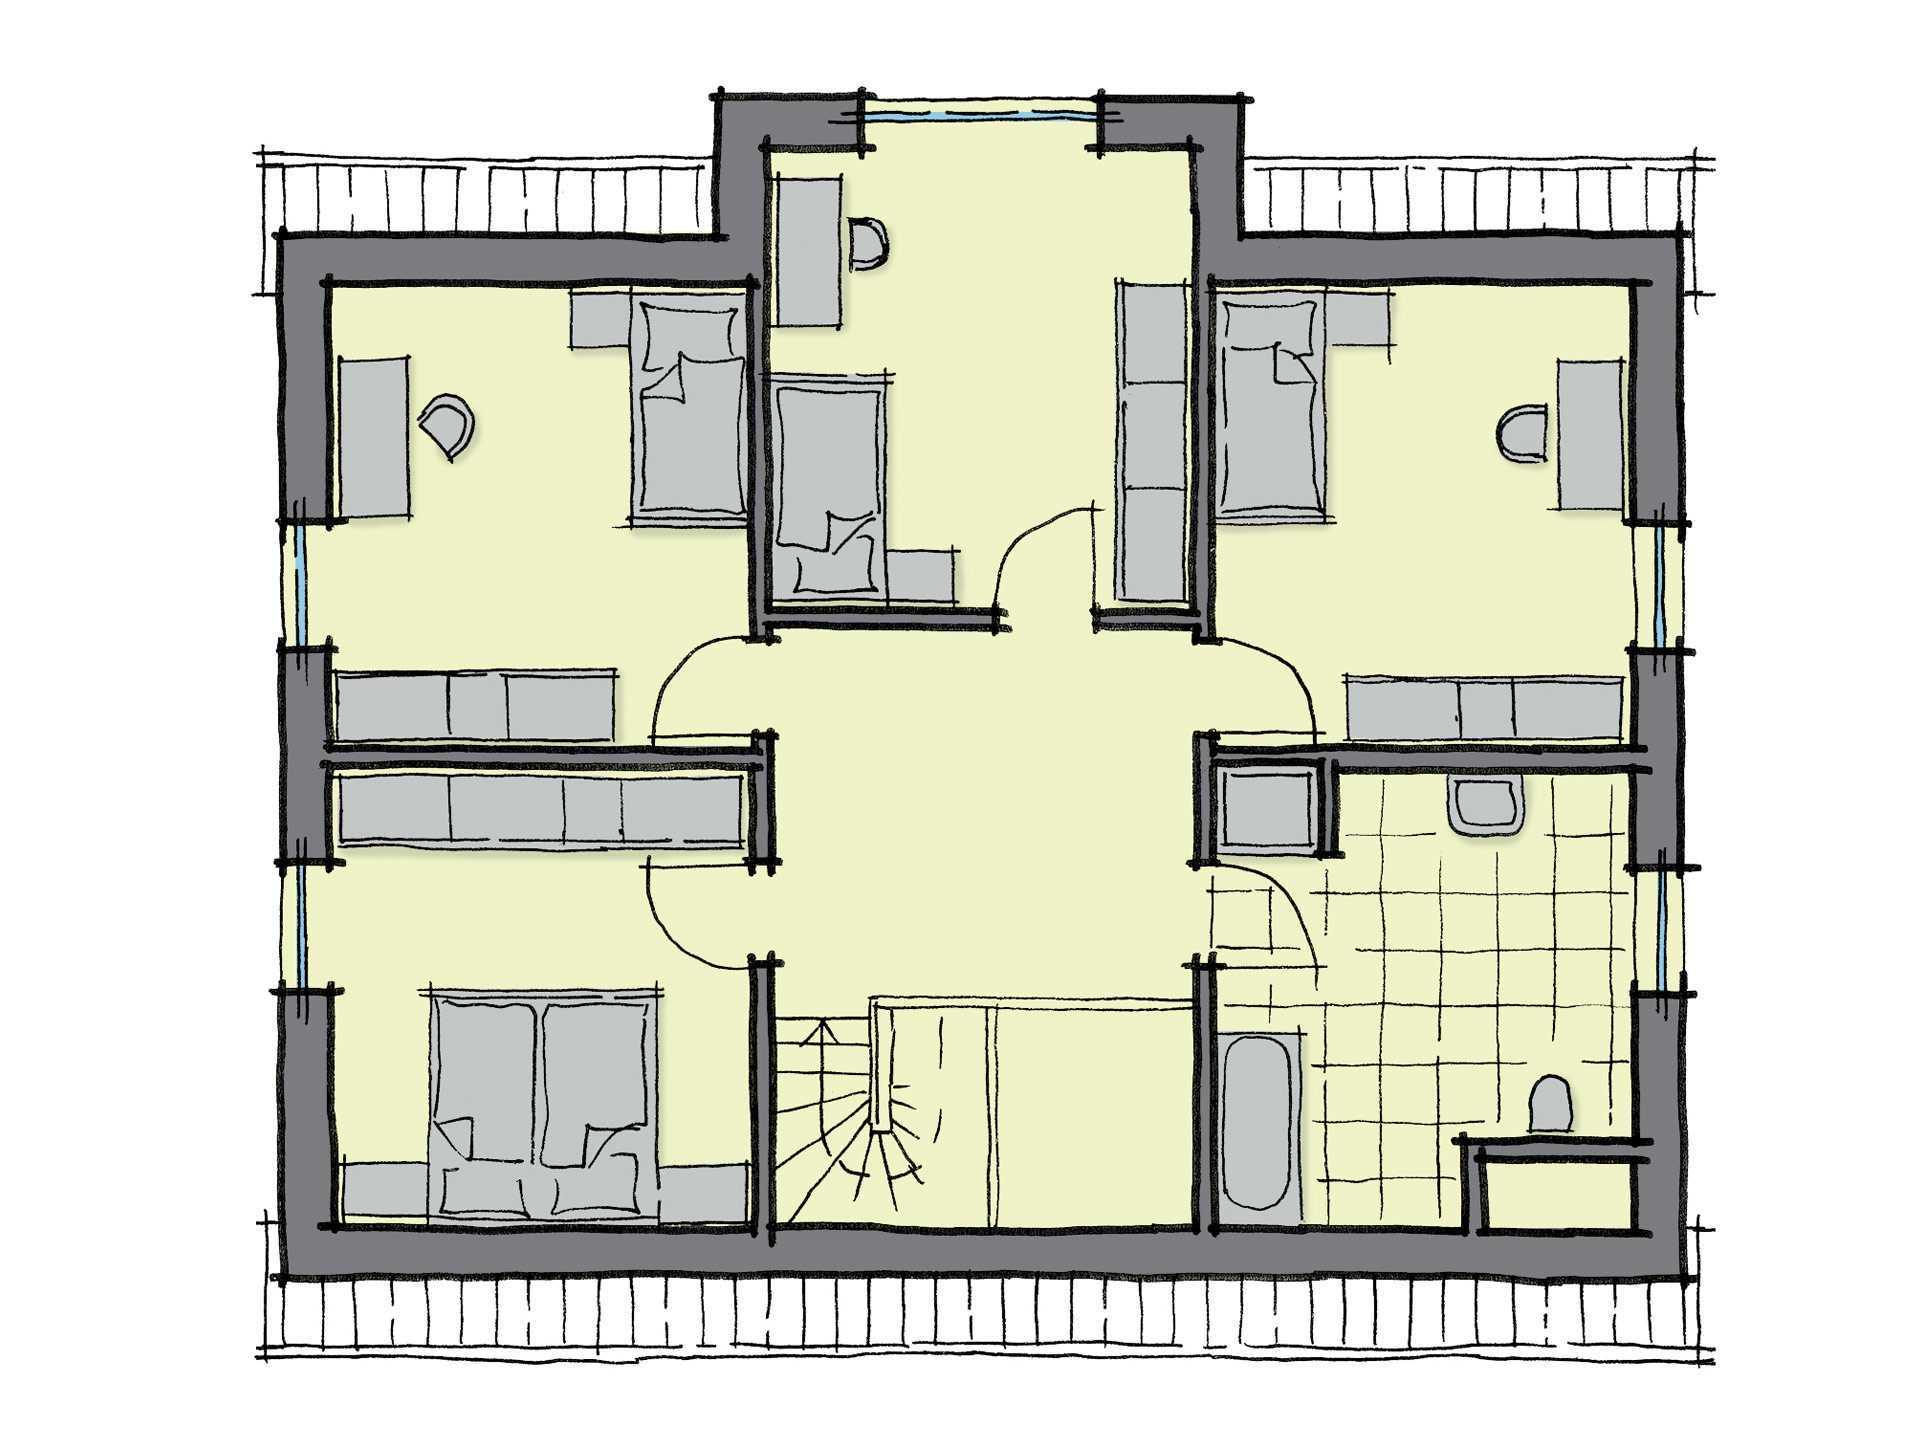 Grundriss Dachgeschoss Einfamilienhaus Kiefernallee Variante 1 GUSSEK HAUS